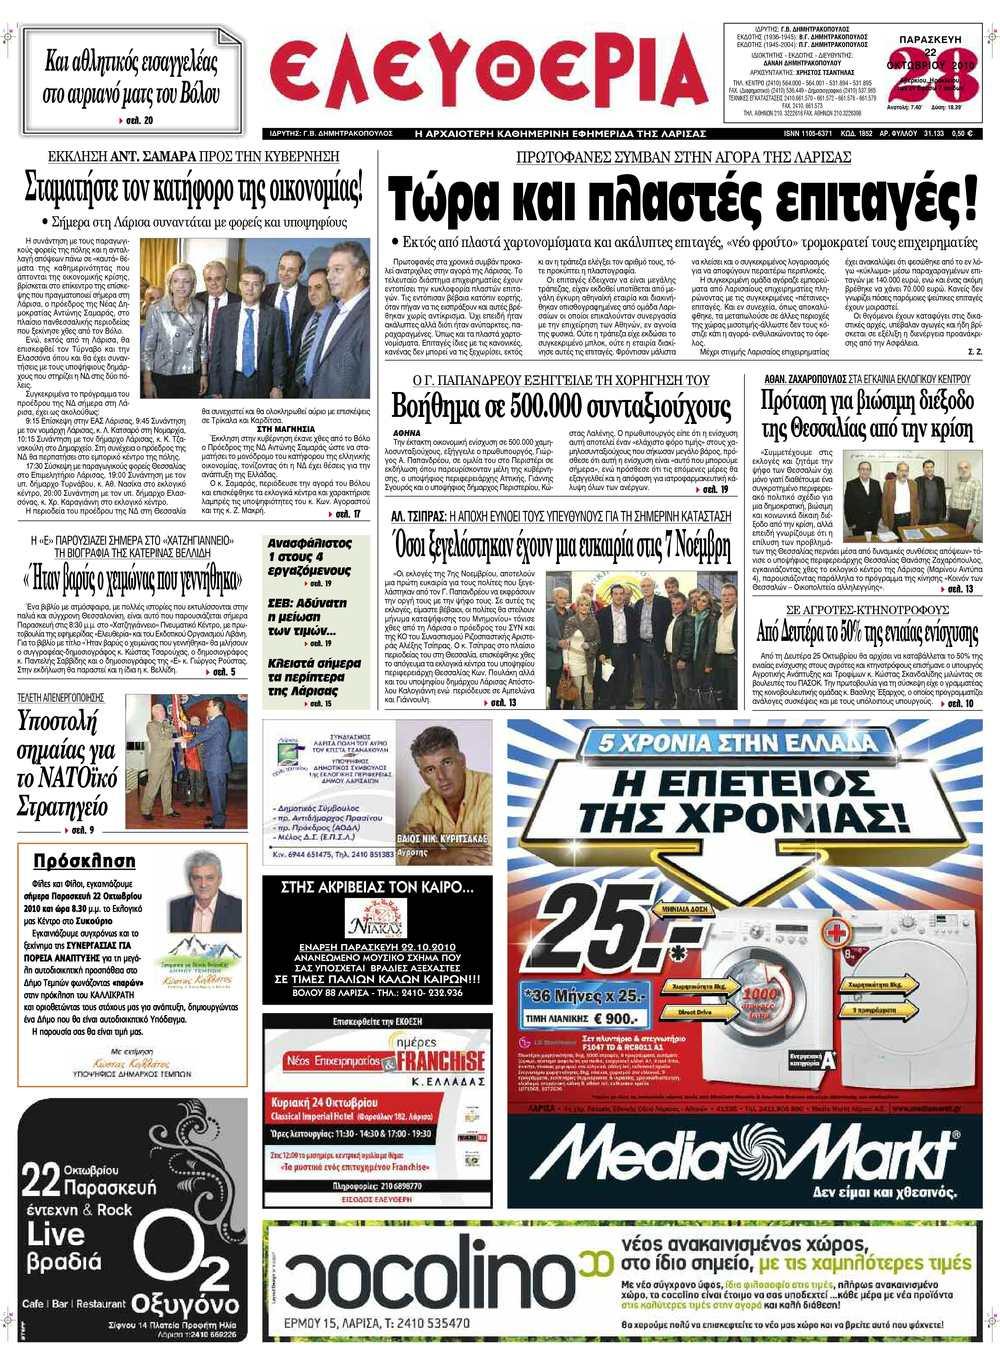 Απενεργοποιημένες ιστοσελίδες γνωριμιών στην Ελλάδα